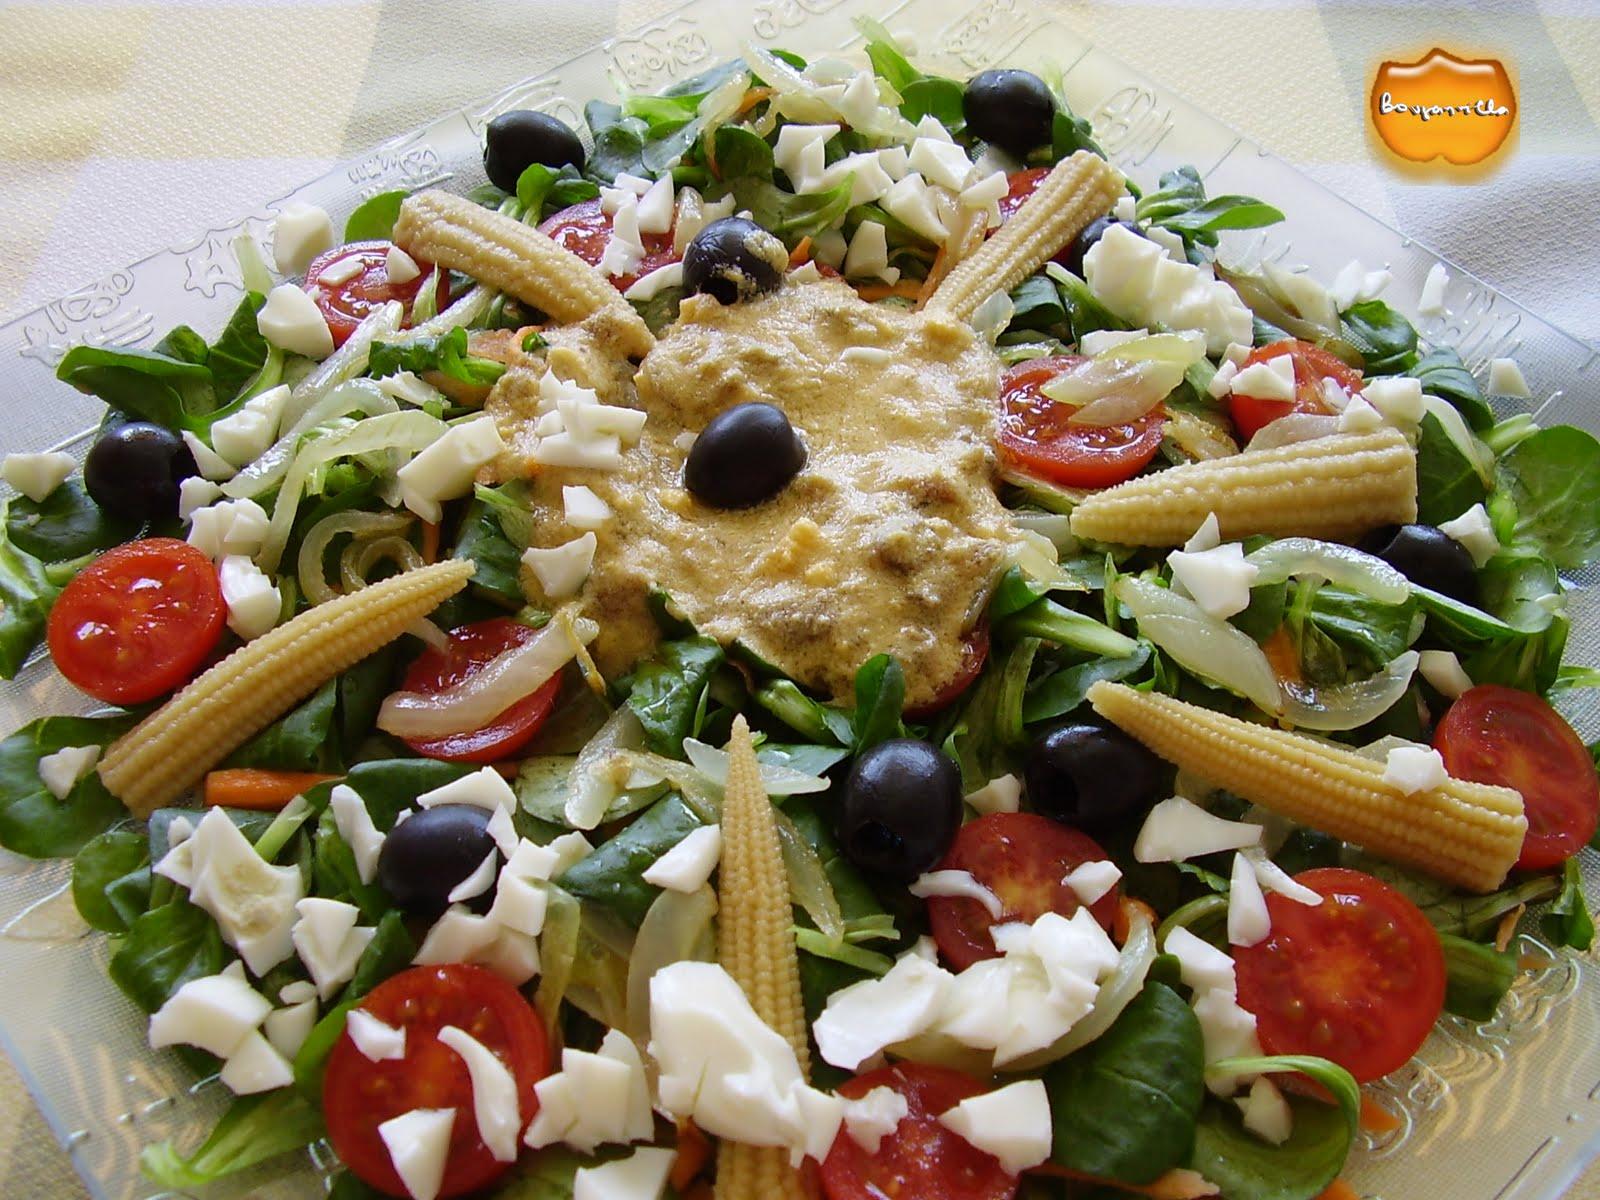 M s salud y ejercicio 10 razones para comer ensaladas - Ensaladas con canonigos ...